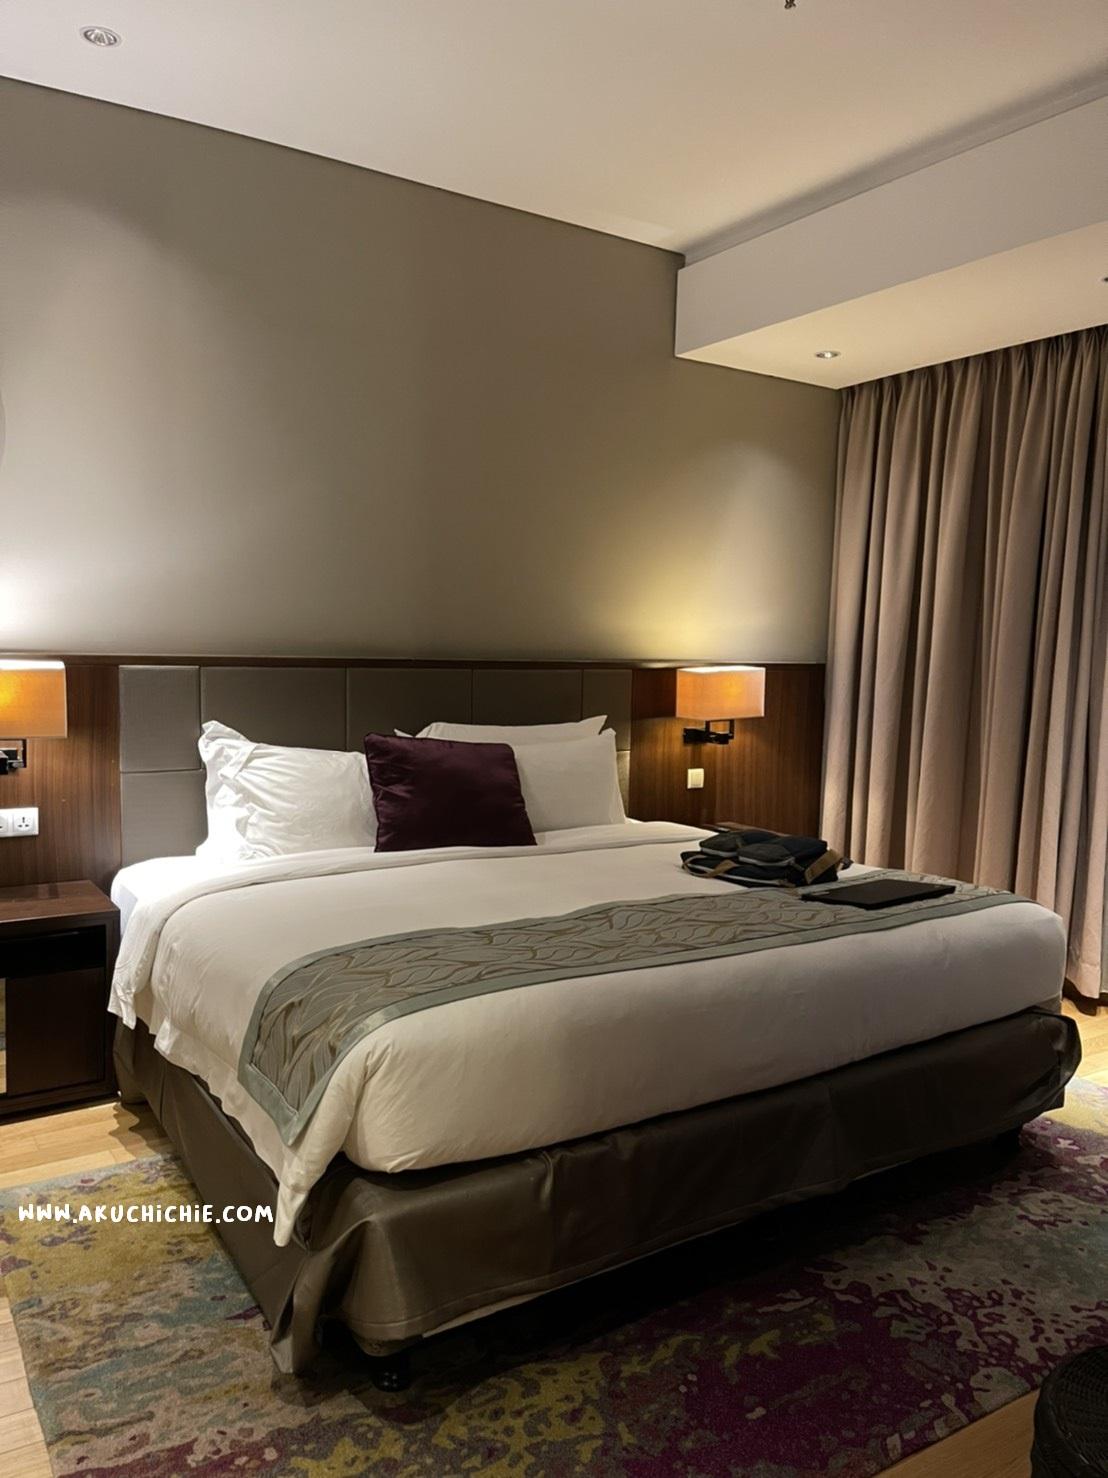 2 bedroom premier ascott kuningan jakarta